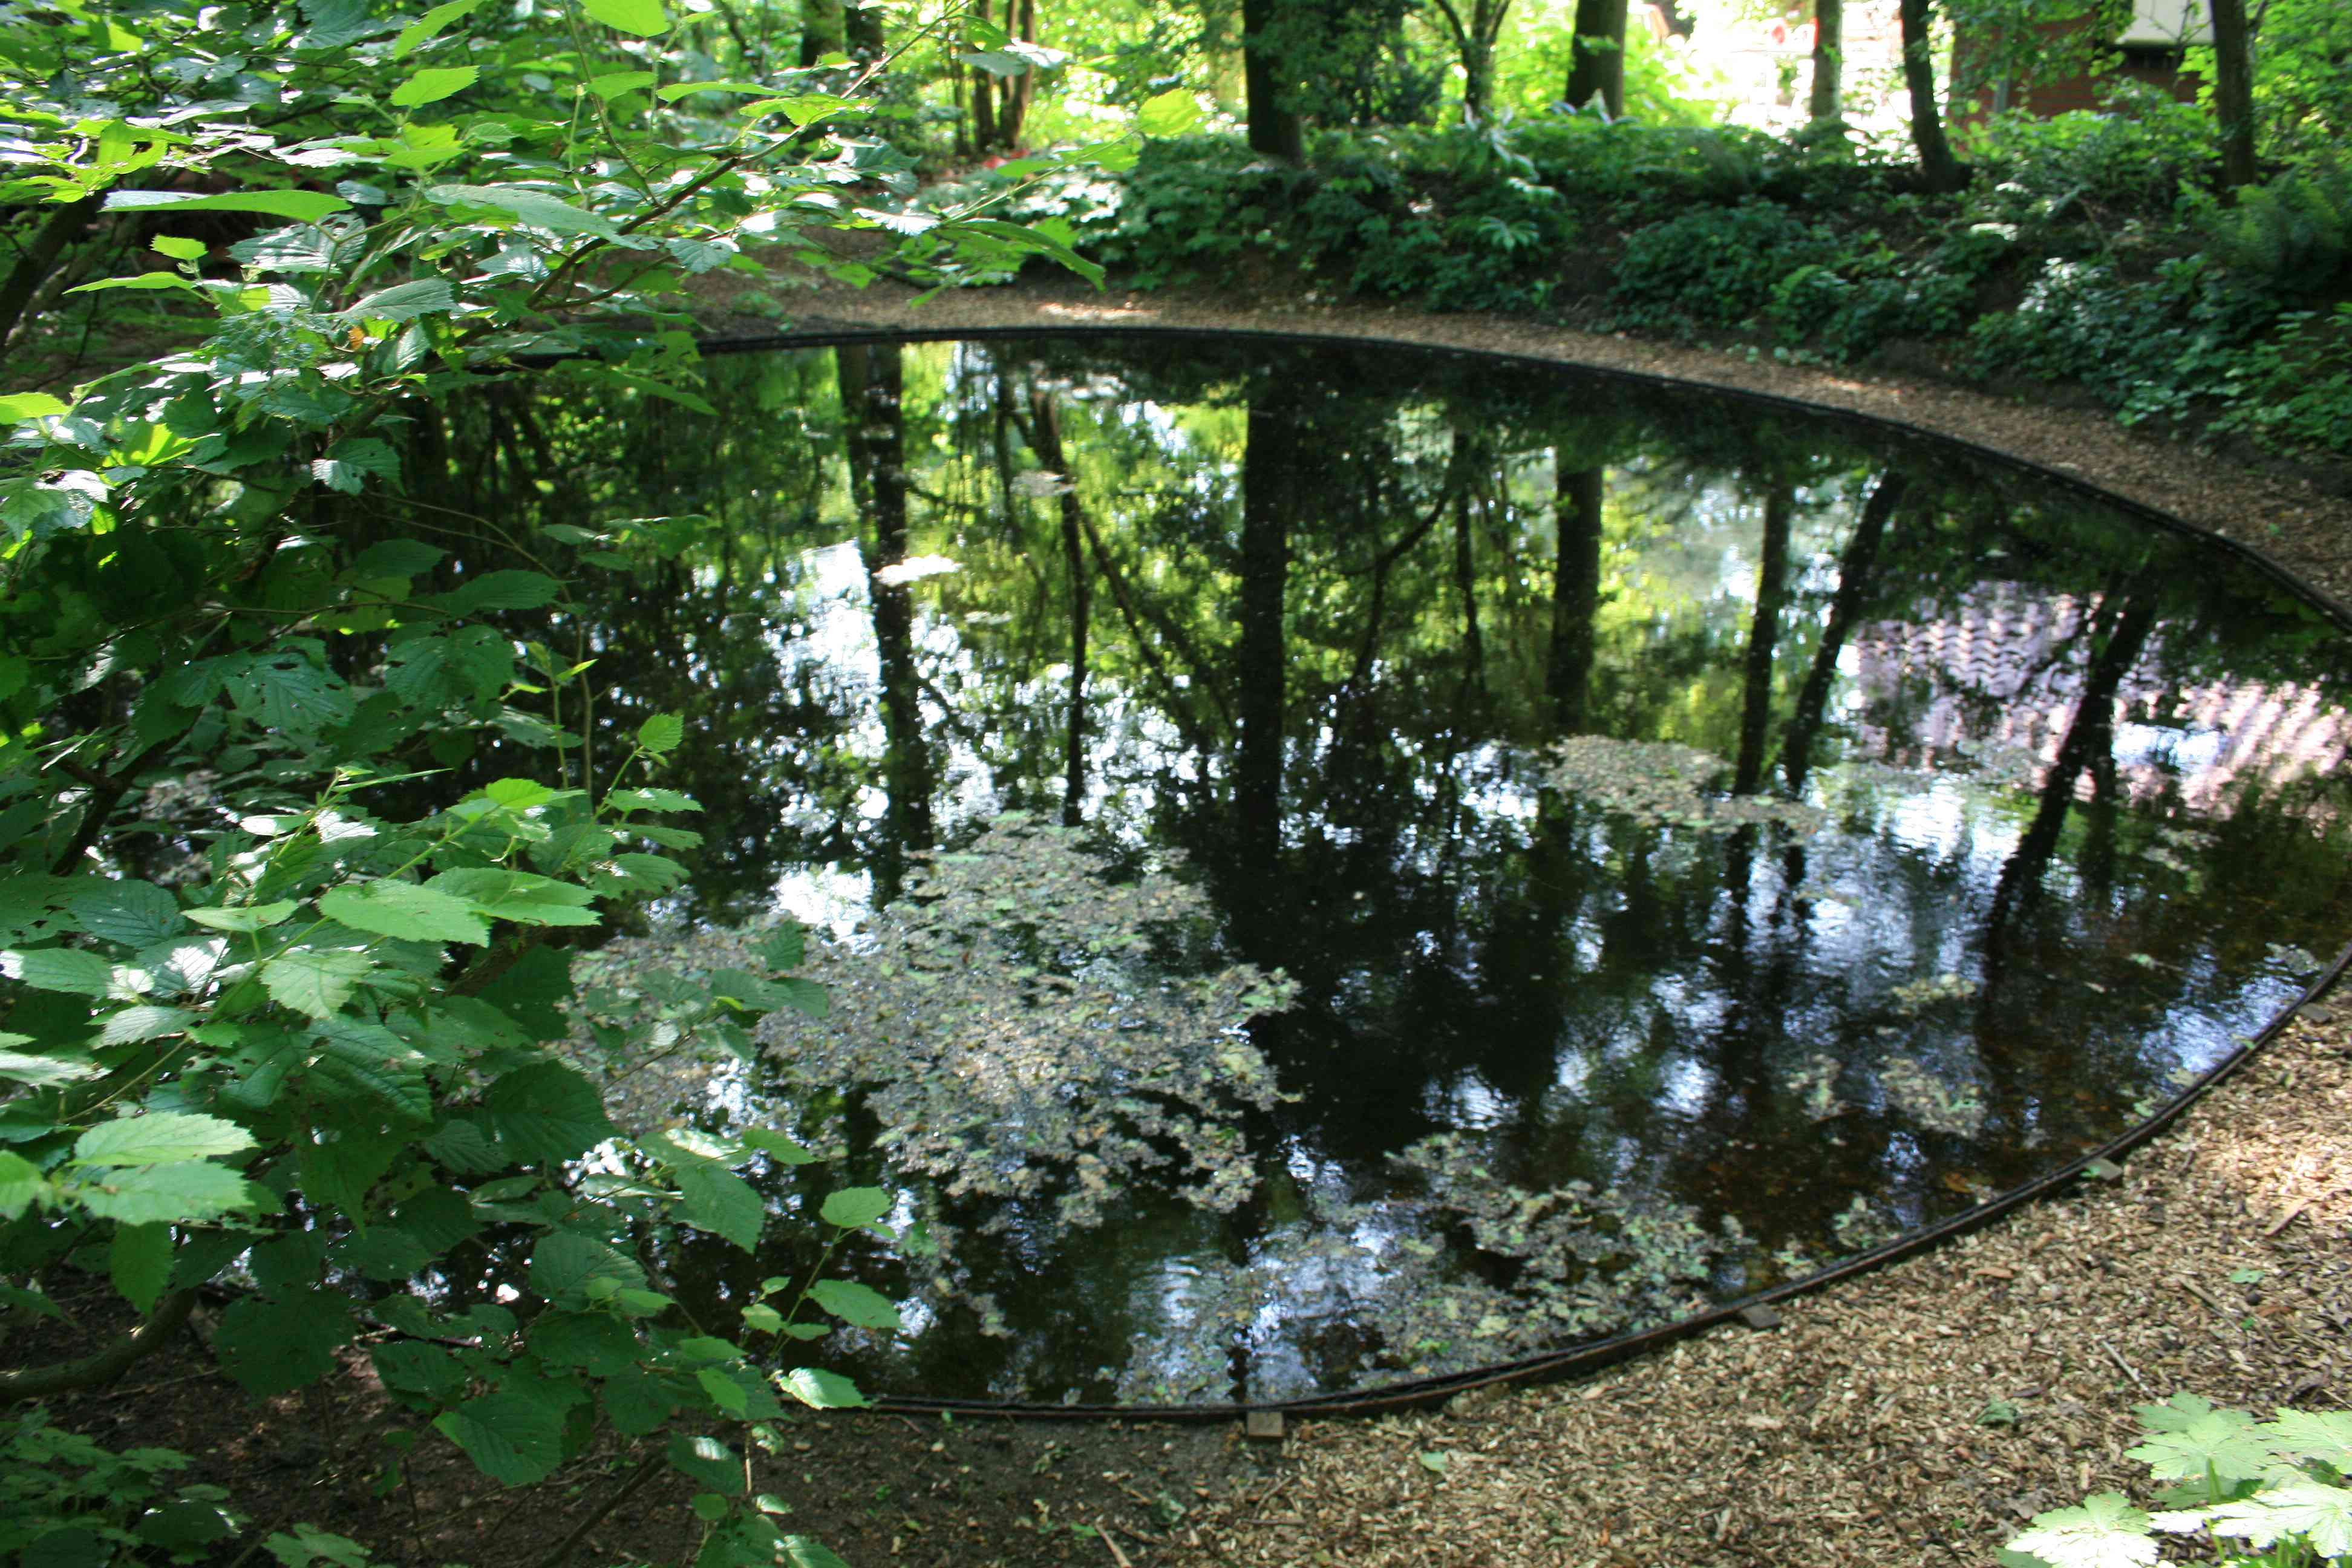 Tijd Voor Tuin : Foto s tuin van de tijd bunne het tuinpad op in nachbars garten